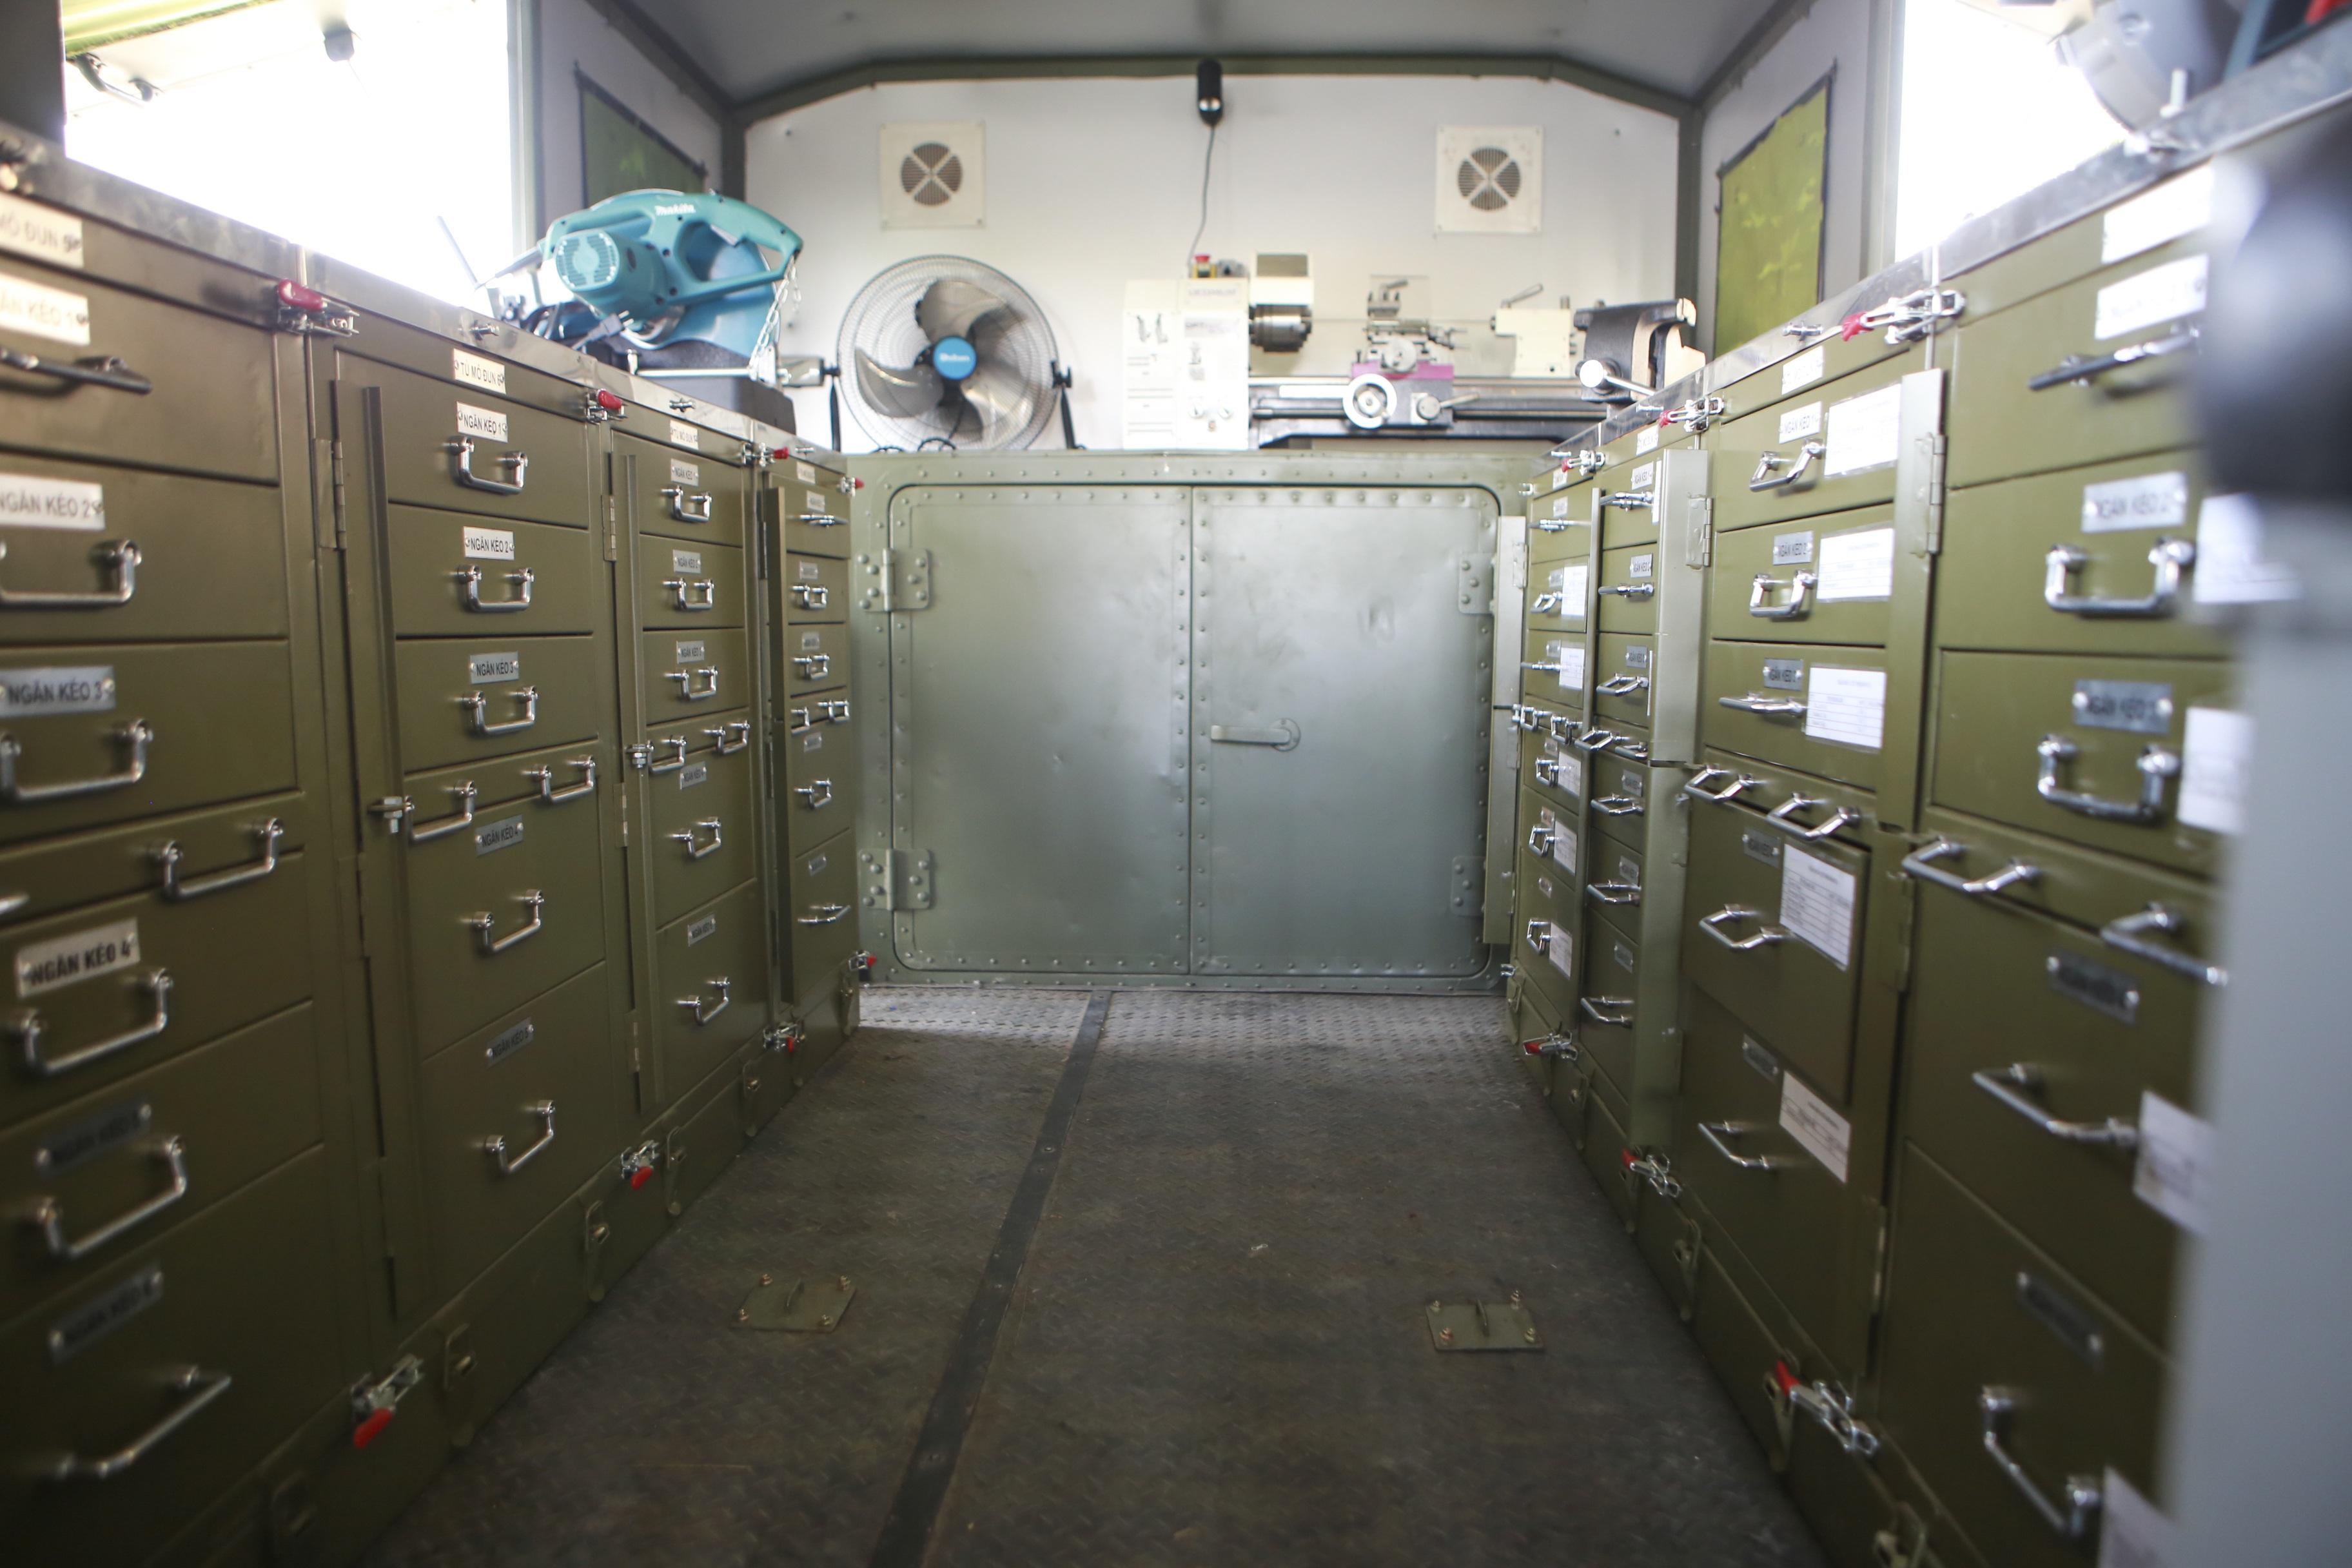 Khám phá xe công trình sửa chữa cơ khí tổng hợp của Quân đội Nhân dân Việt Nam - 3